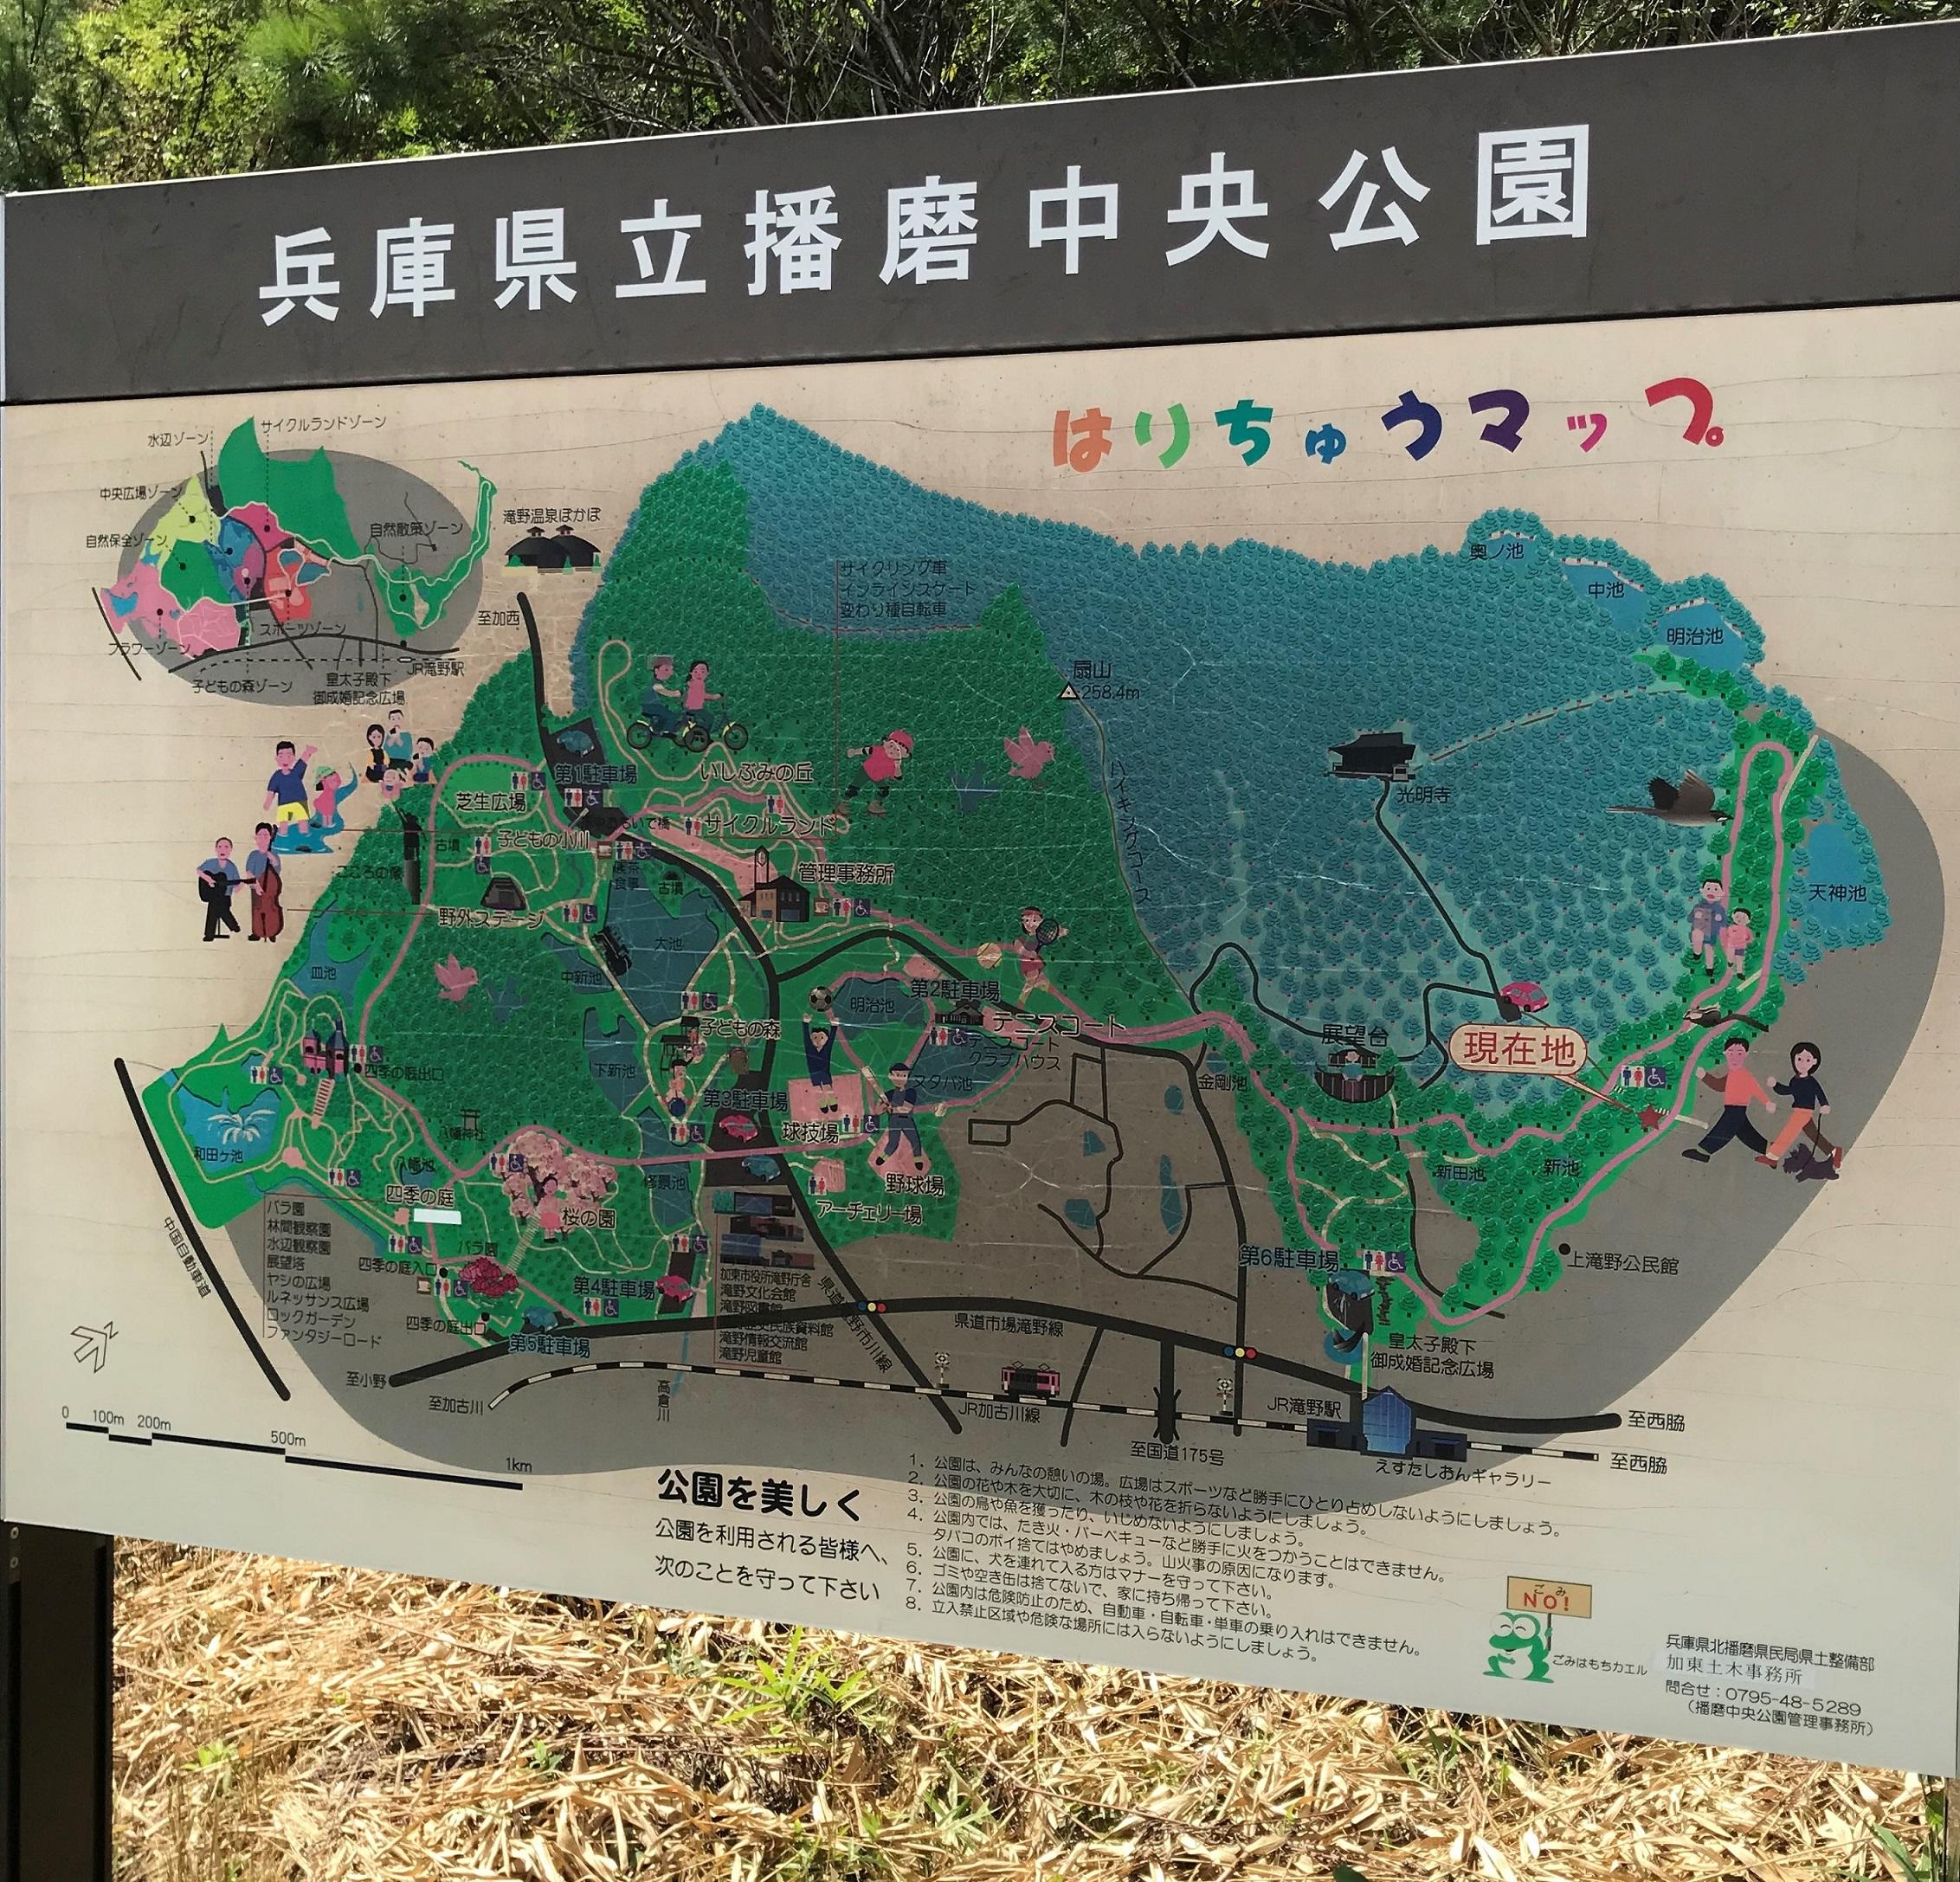 播磨中央公園(兵庫県)